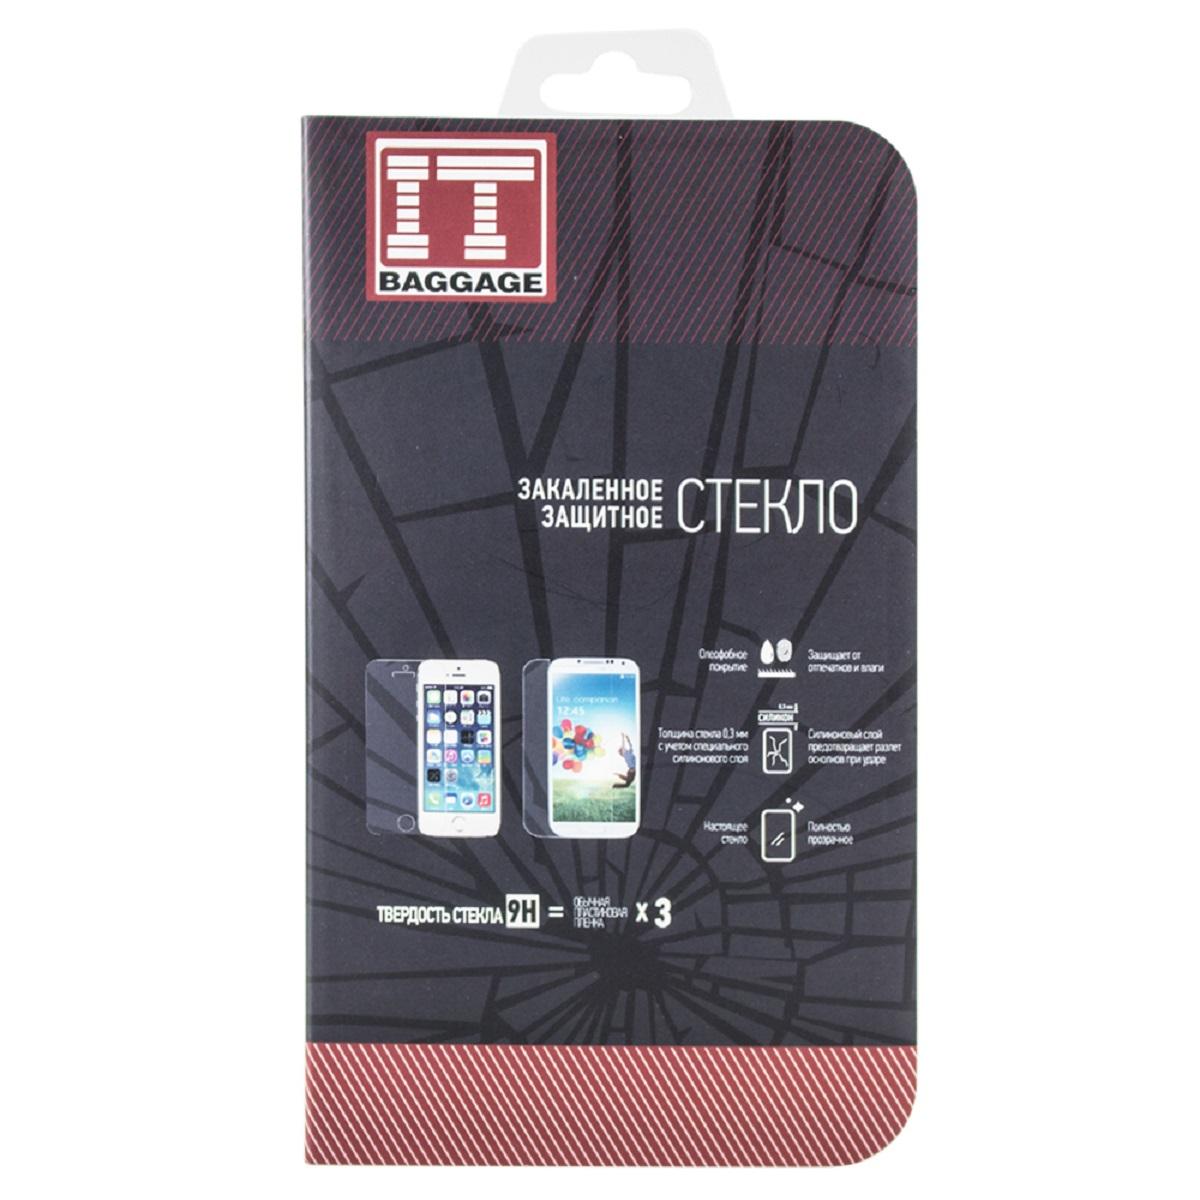 IT Baggage защитное стекло для Moto X StyleITMTXSTGЗакаленное стекло IT Baggage для Moto X Style - это самый верный способ защитить экран от повреждений и загрязнений. Обладает высочайшим уровнем прозрачности и совершенно не влияет на отклик экранного сенсора и качество изображения. Препятствует появлению отпечатков и пятен. Удалить следы жира и косметики с поверхности аксессуара не составить ни какого труда. Характеристики защитного стекла делают его износостойким к таким механическим повреждениям, как царапины, сколы, потертости. При сильном ударе разбившееся стекло не разлетается на осколки, предохраняя вас от порезов, а экран устройства от повреждений. После снятия защитного стекла с поверхности дисплея, на нем не остаются повреждения, такие как потертости и царапины.